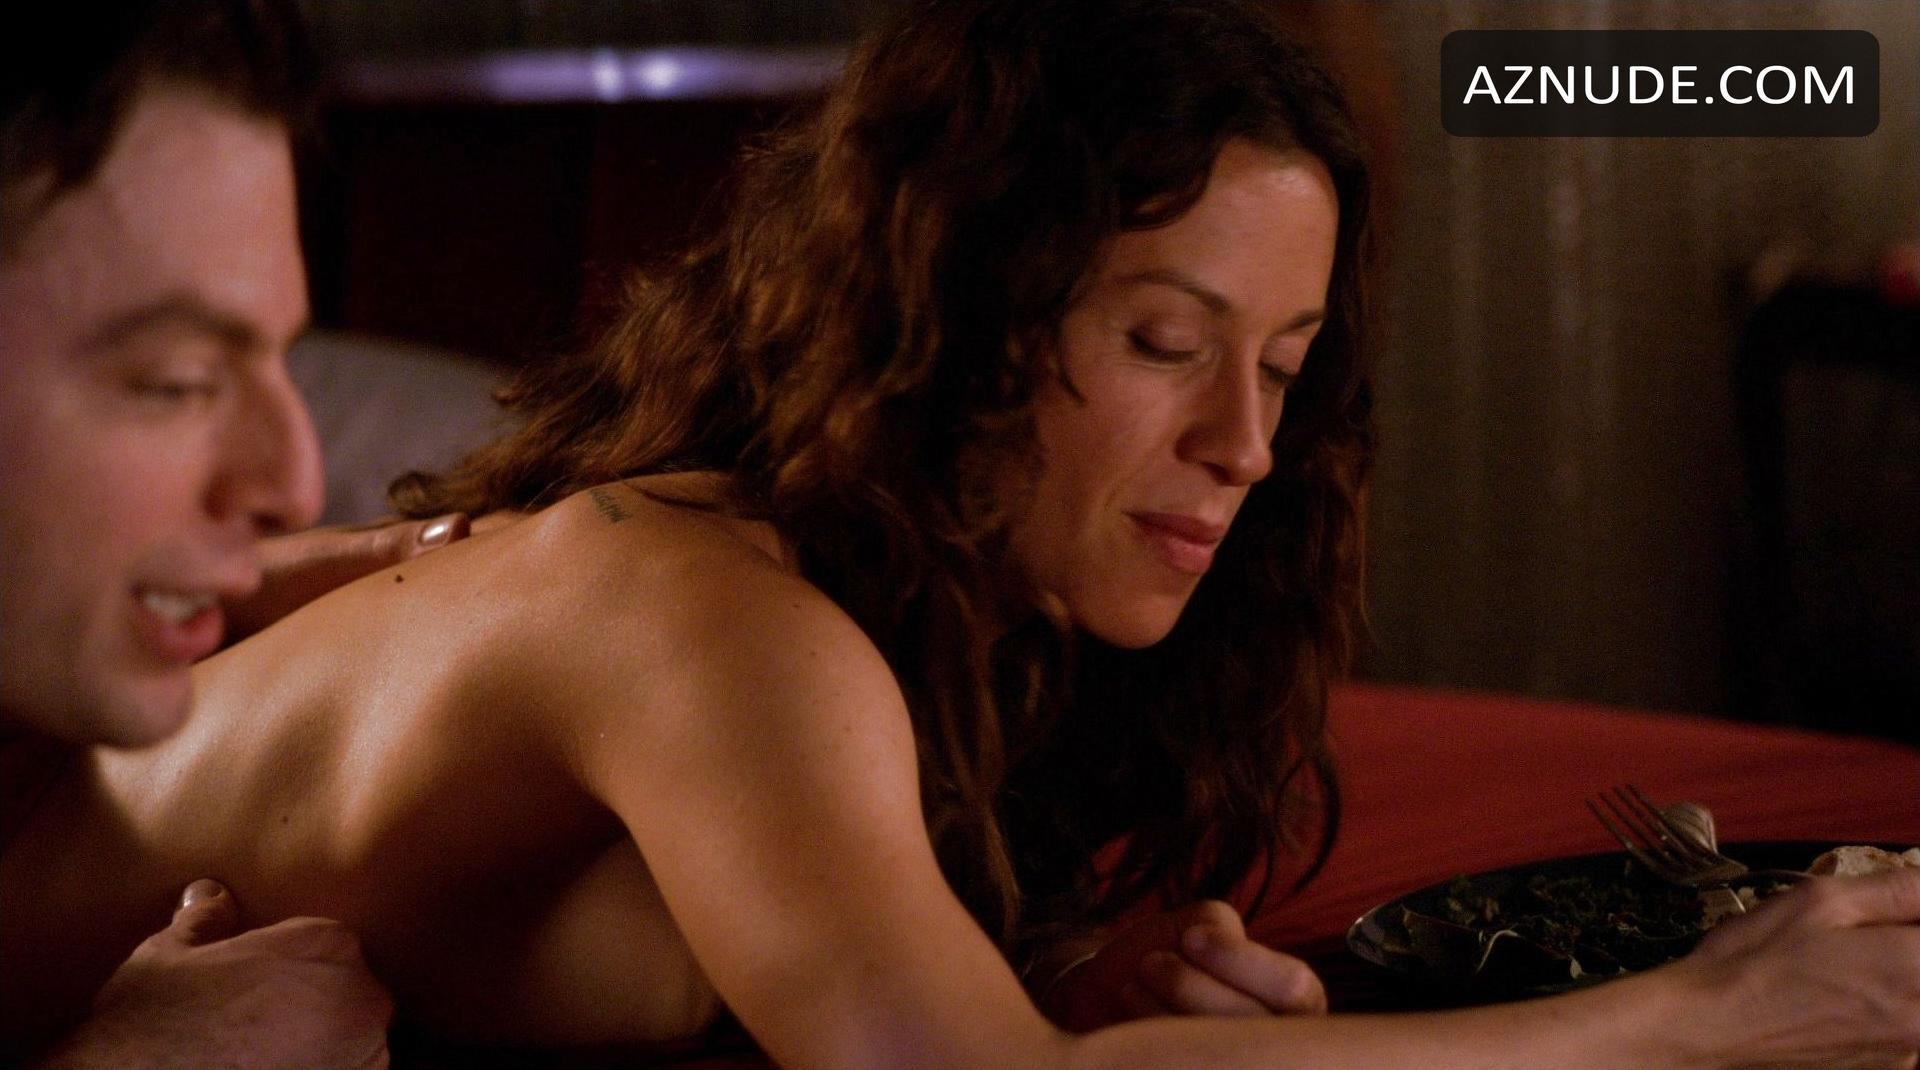 Alanis Morissette Nude - Aznude